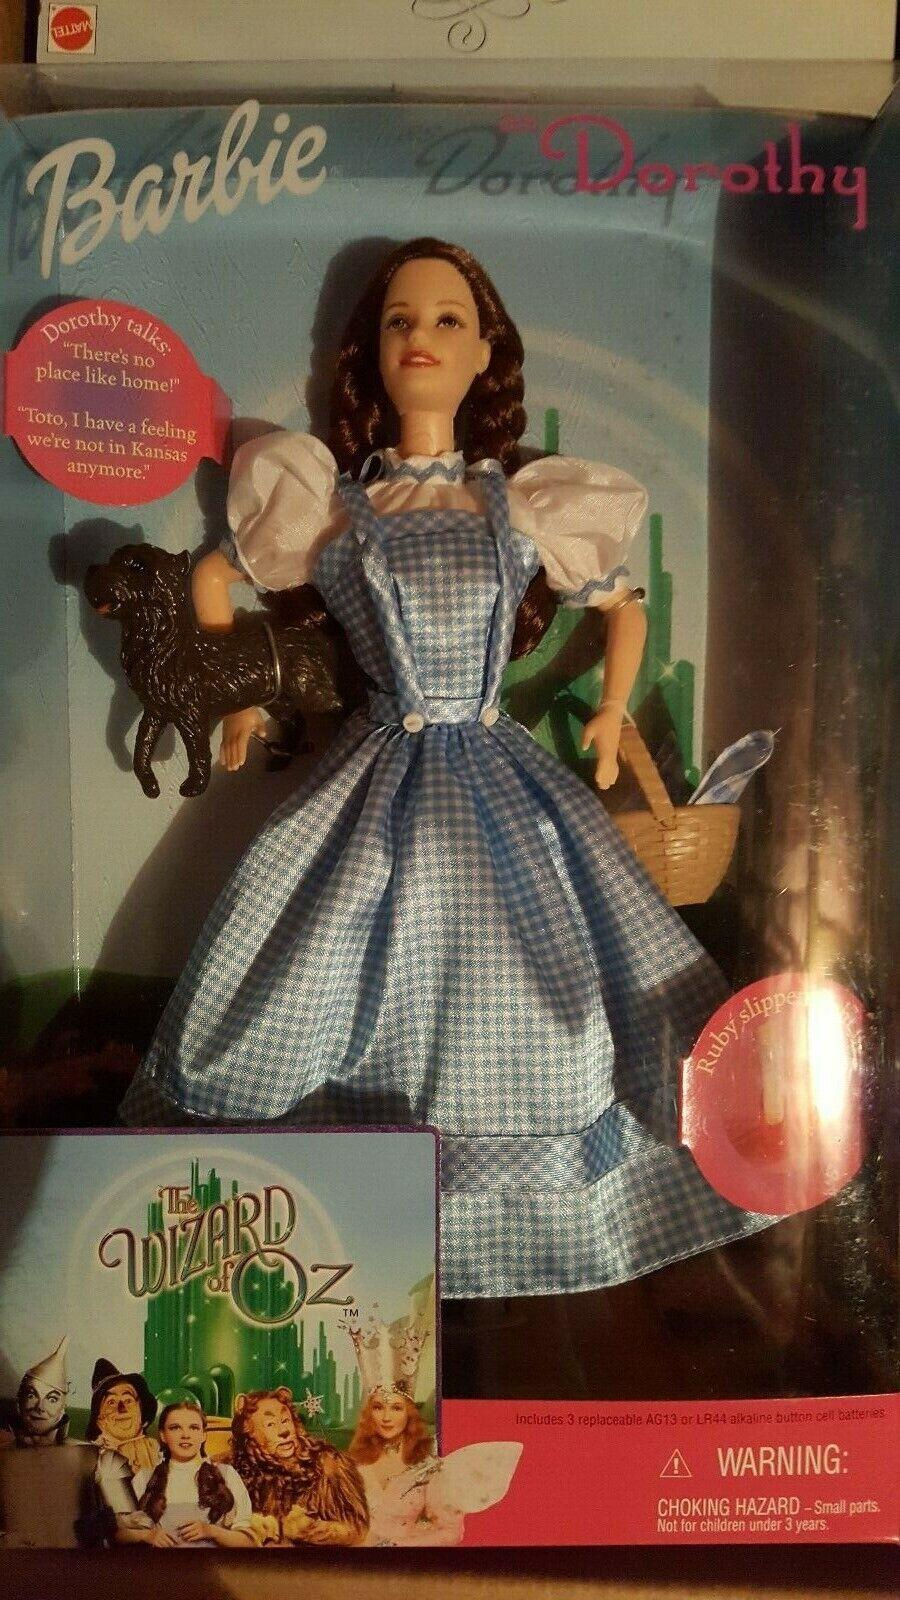 Barbie Mago De Oz competir Set (1999) - nunca quitado de la Caja-Todos son menta en caja como nuevo